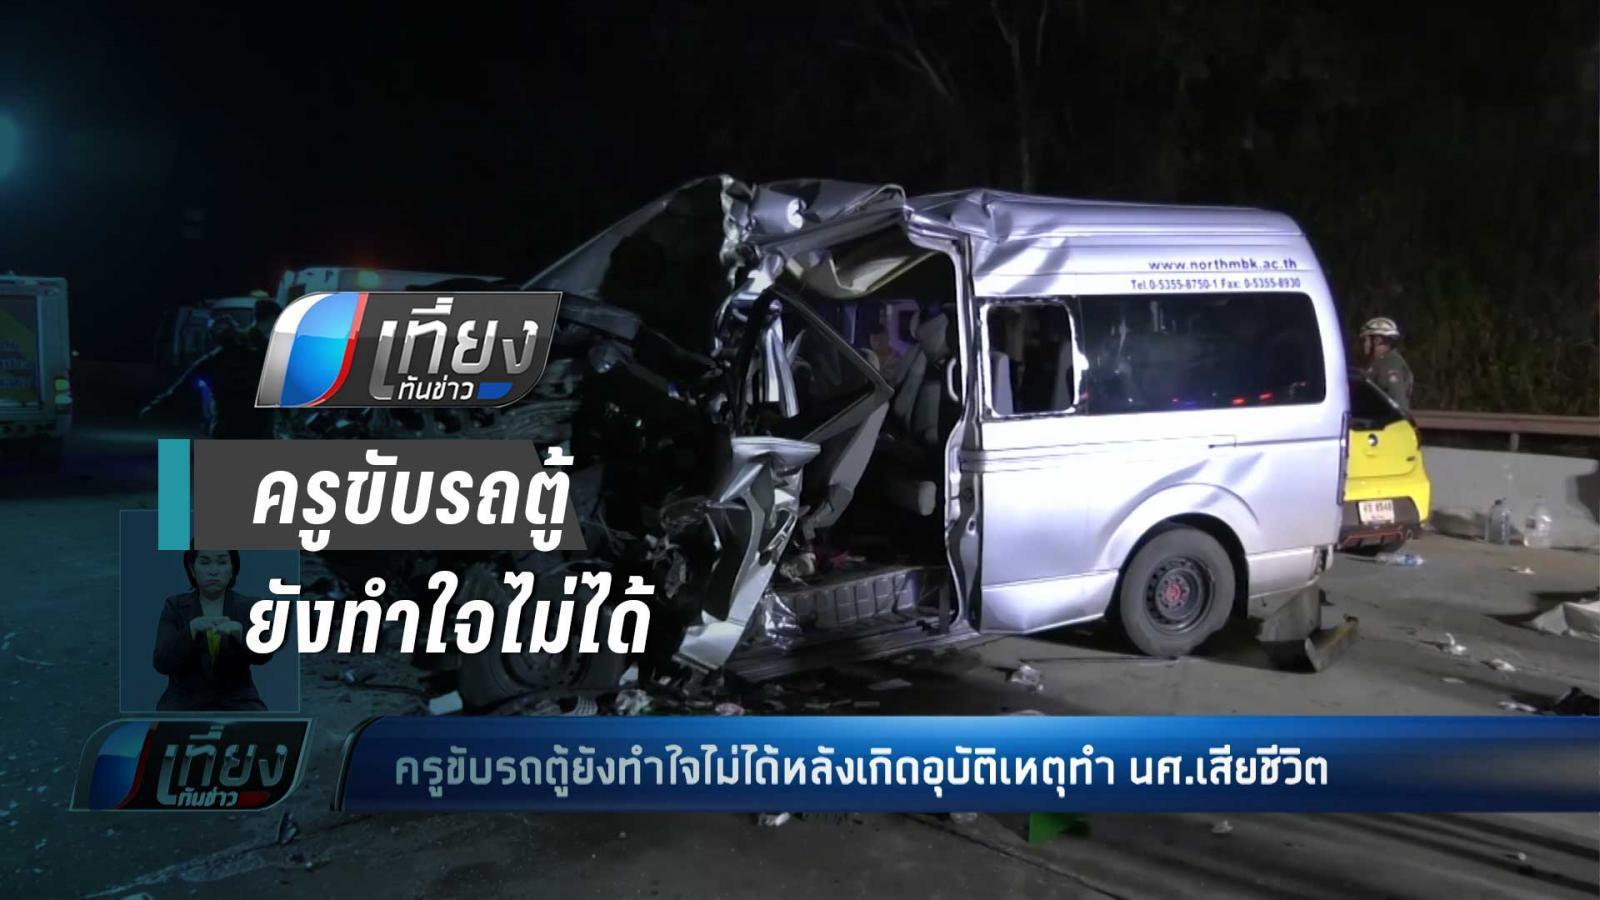 ครูขับรถตู้ยังทำใจไม่ได้หลังเกิดอุบัติเหตุทำ นศ.เสียชีวิต